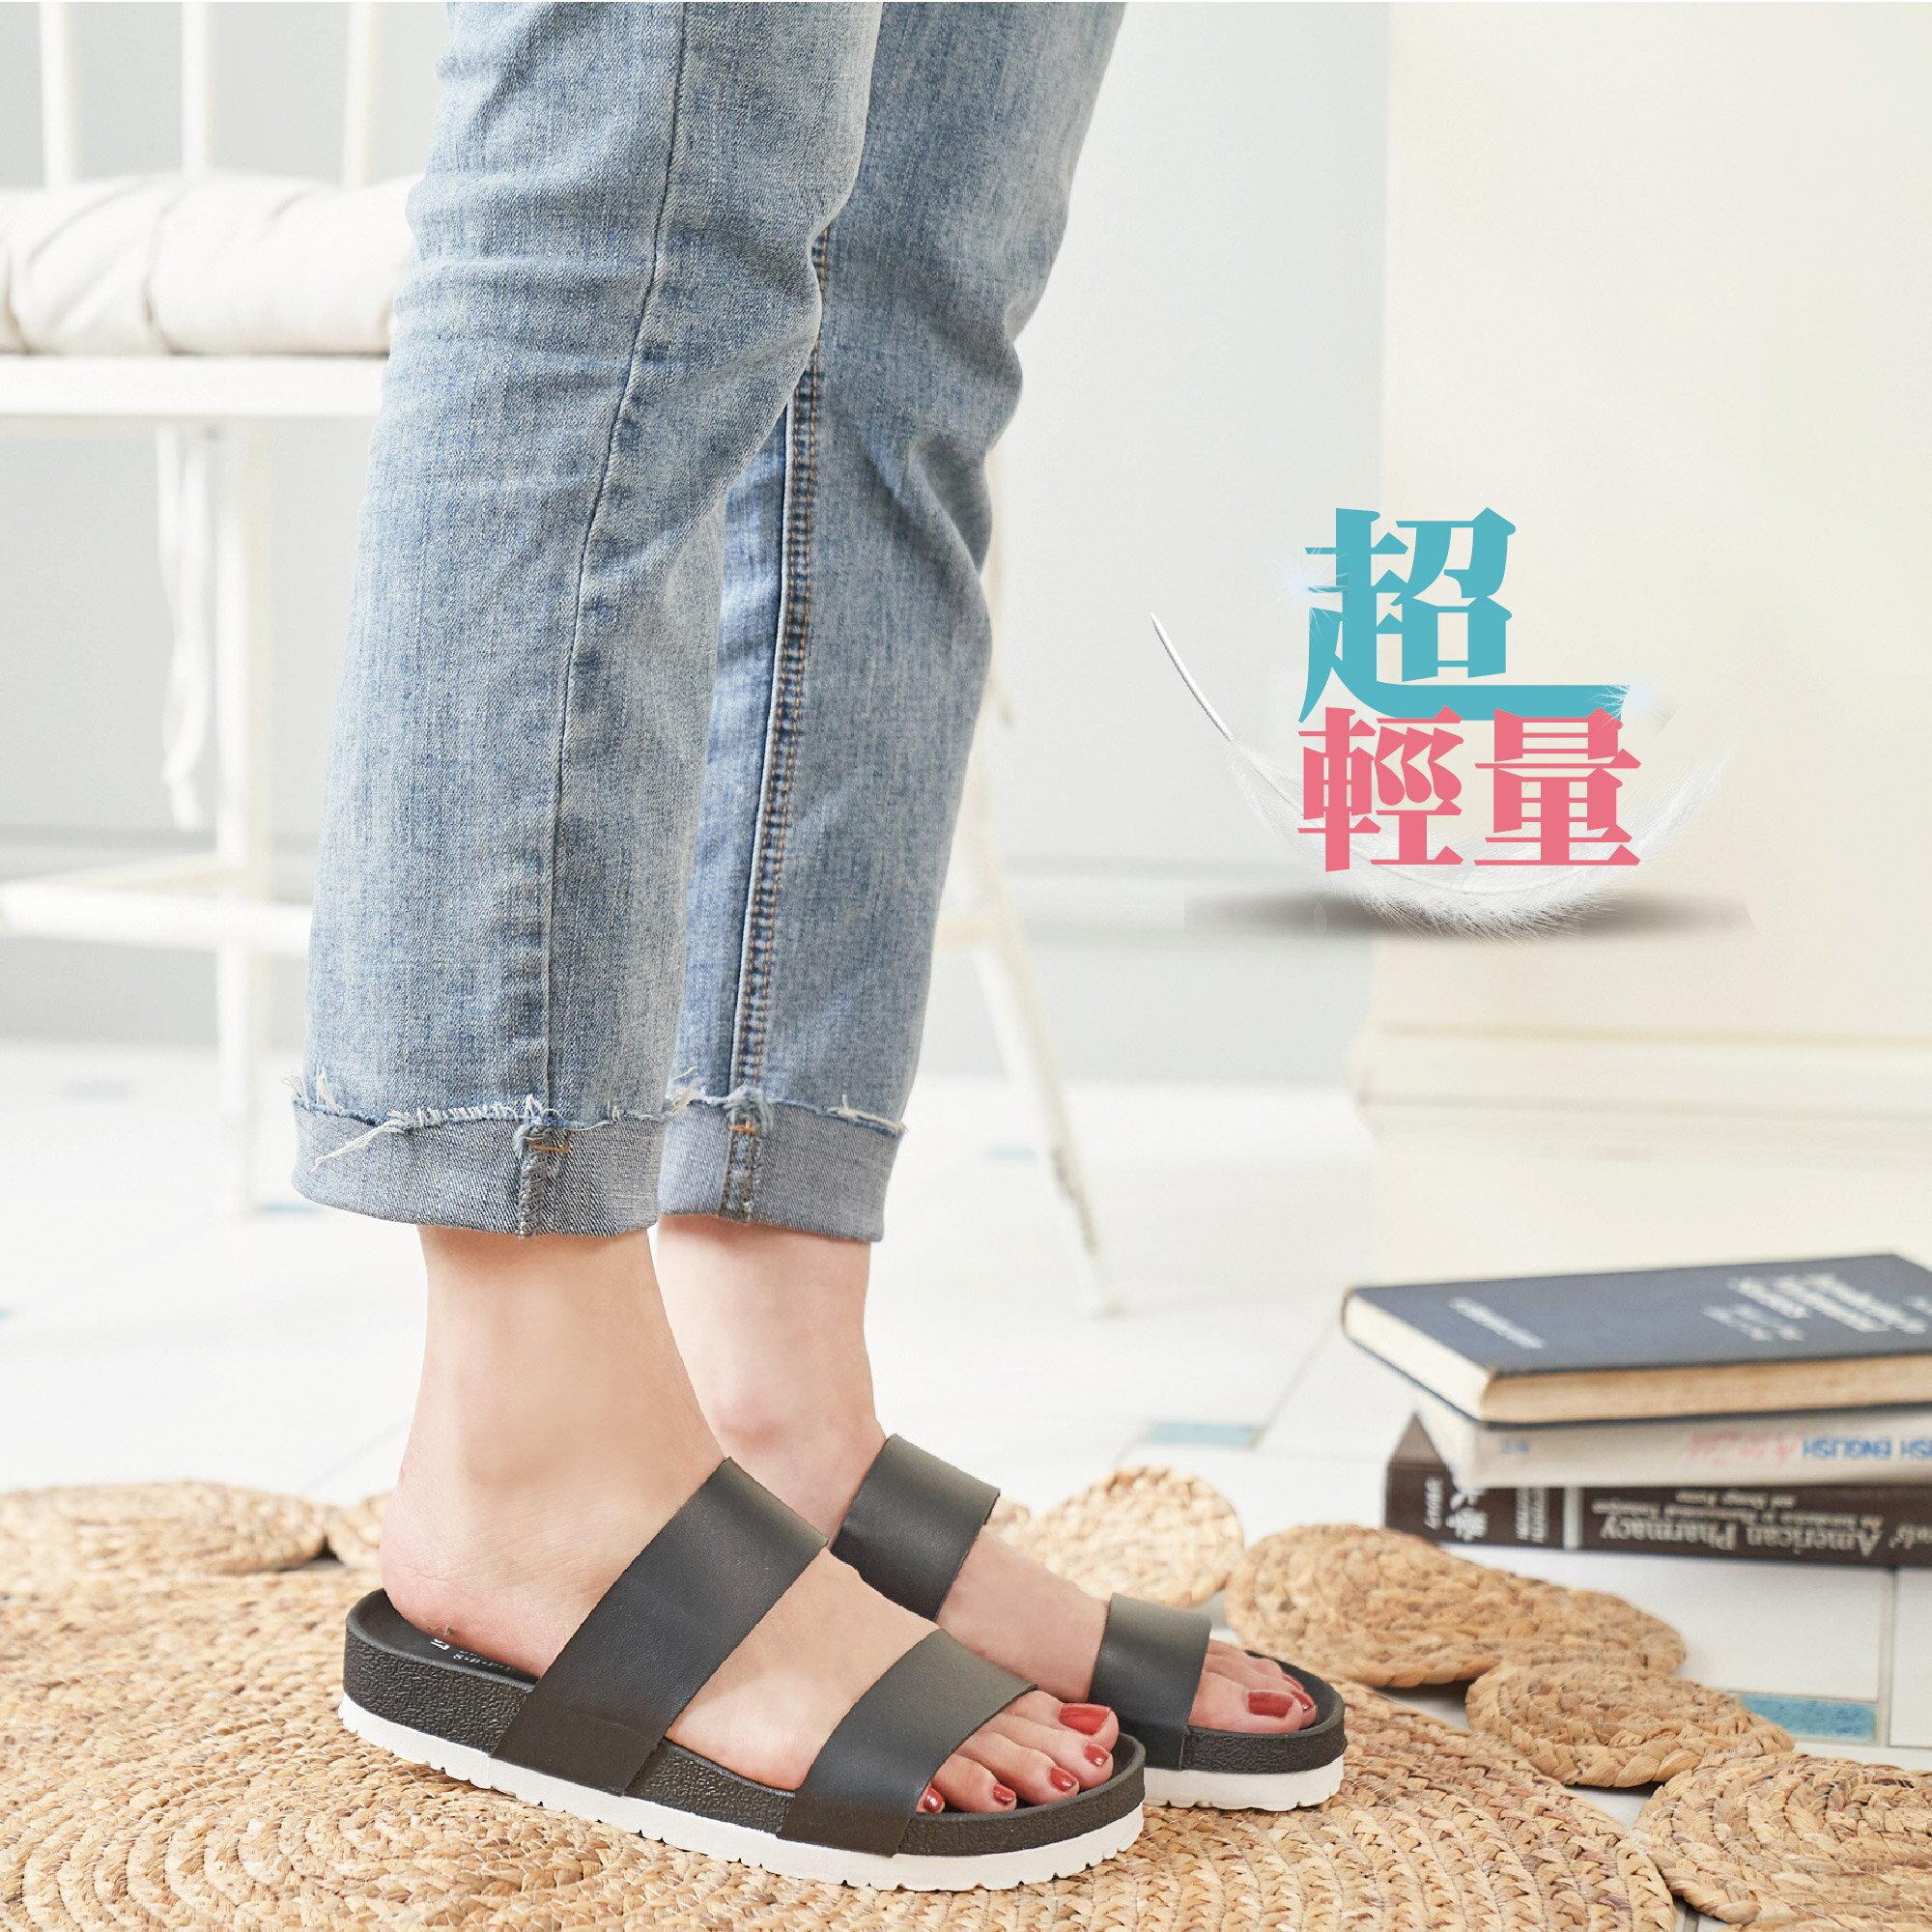 【滿額領券↘折$120】女款簡約雙帶厚底女拖鞋 [733] 白 黑 MIT台灣製造【巷子屋】